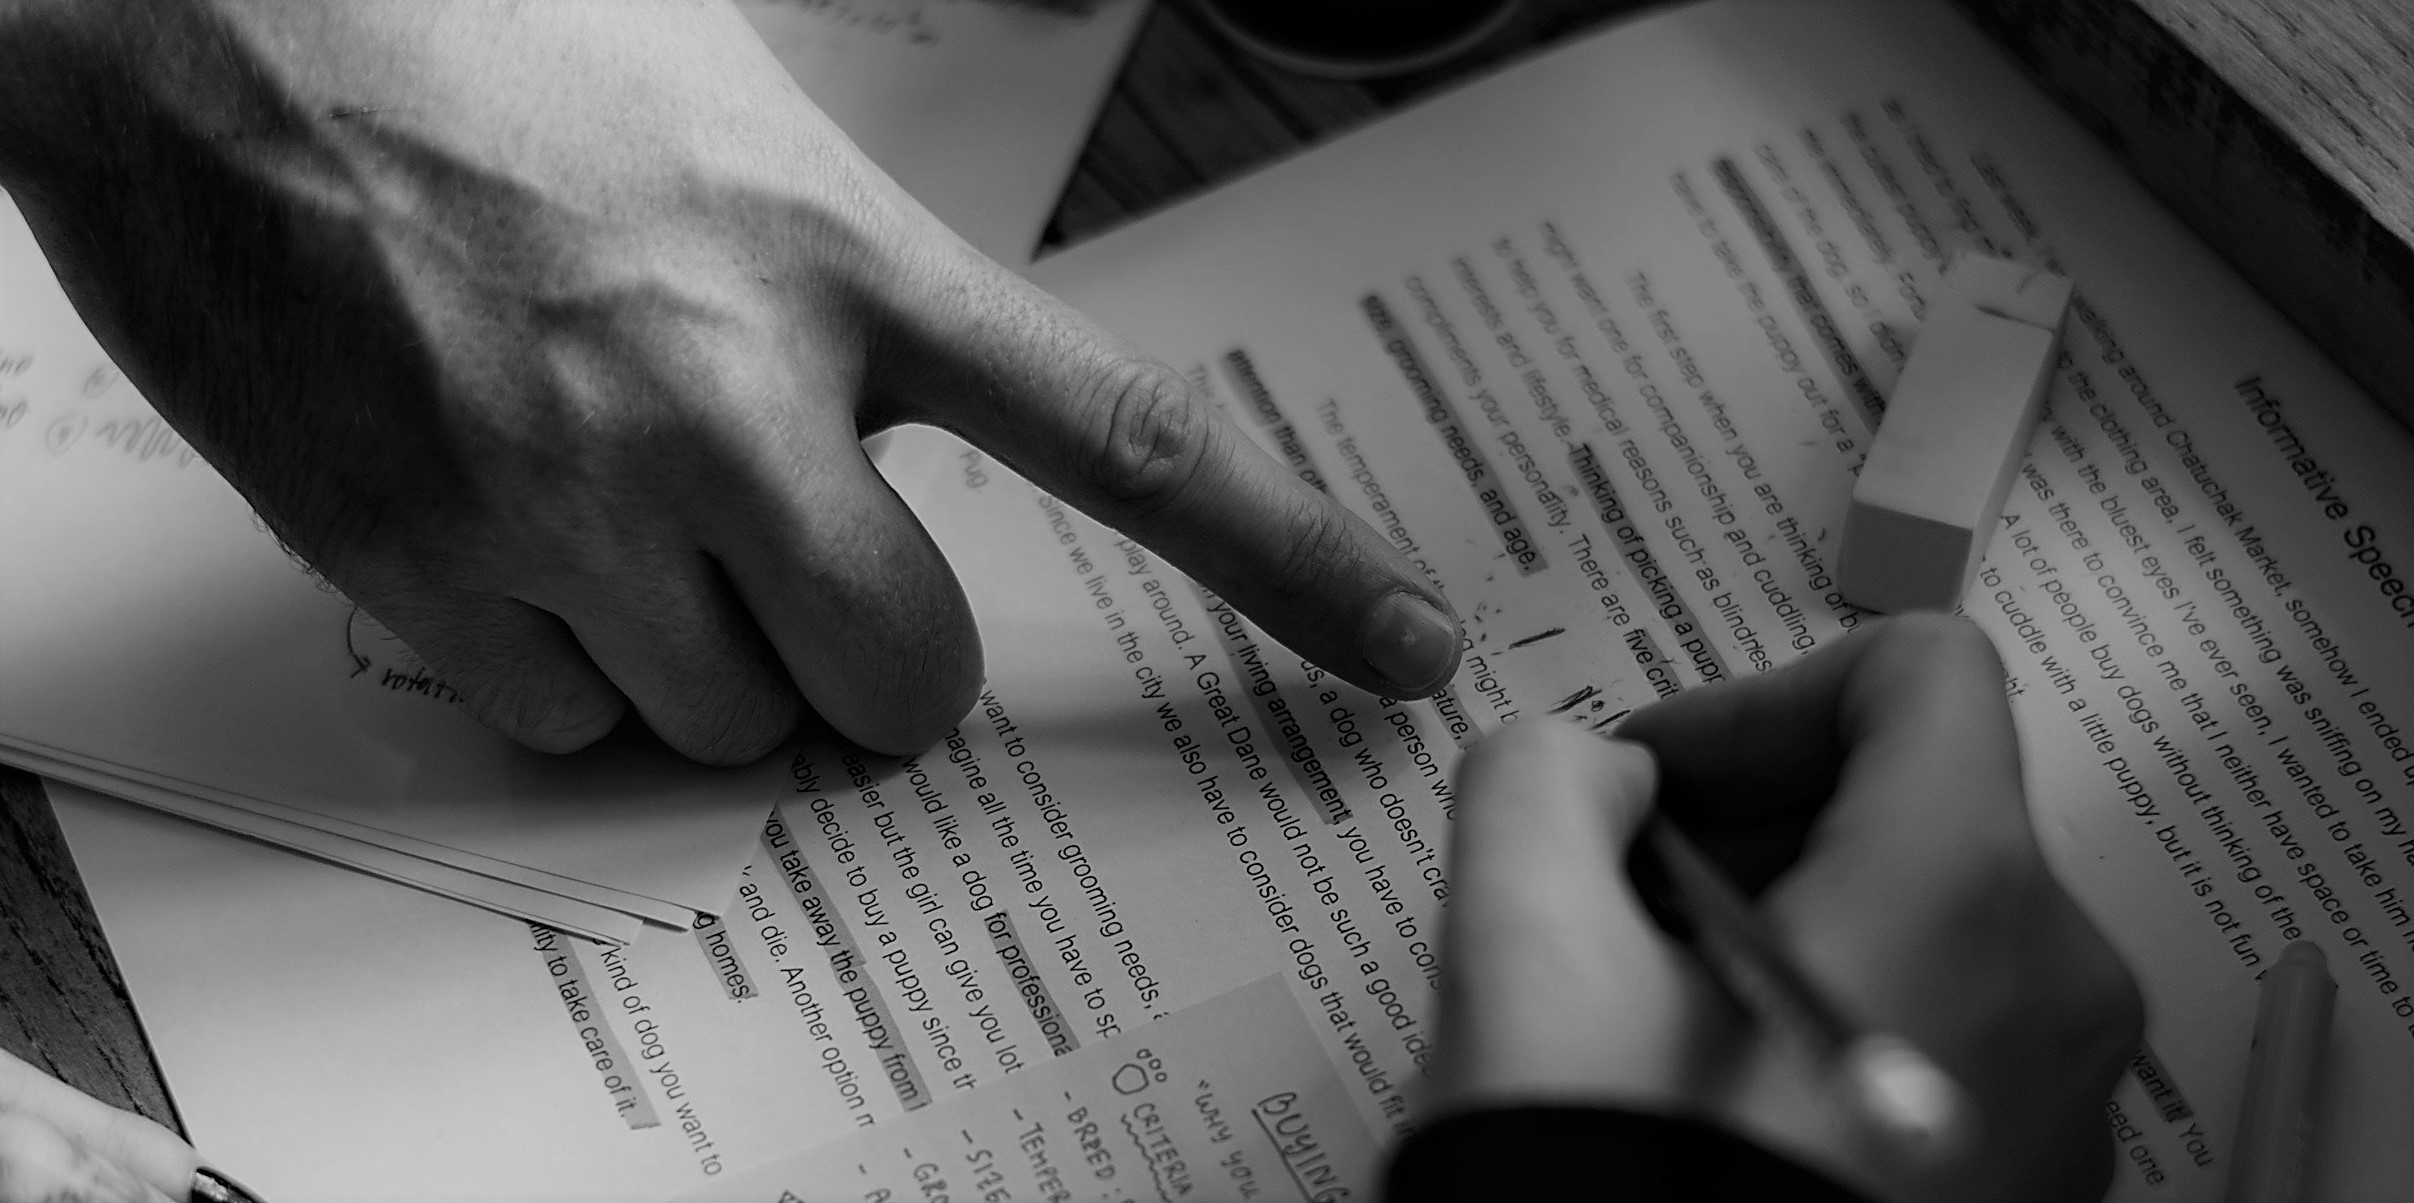 How to Write Like an English Native